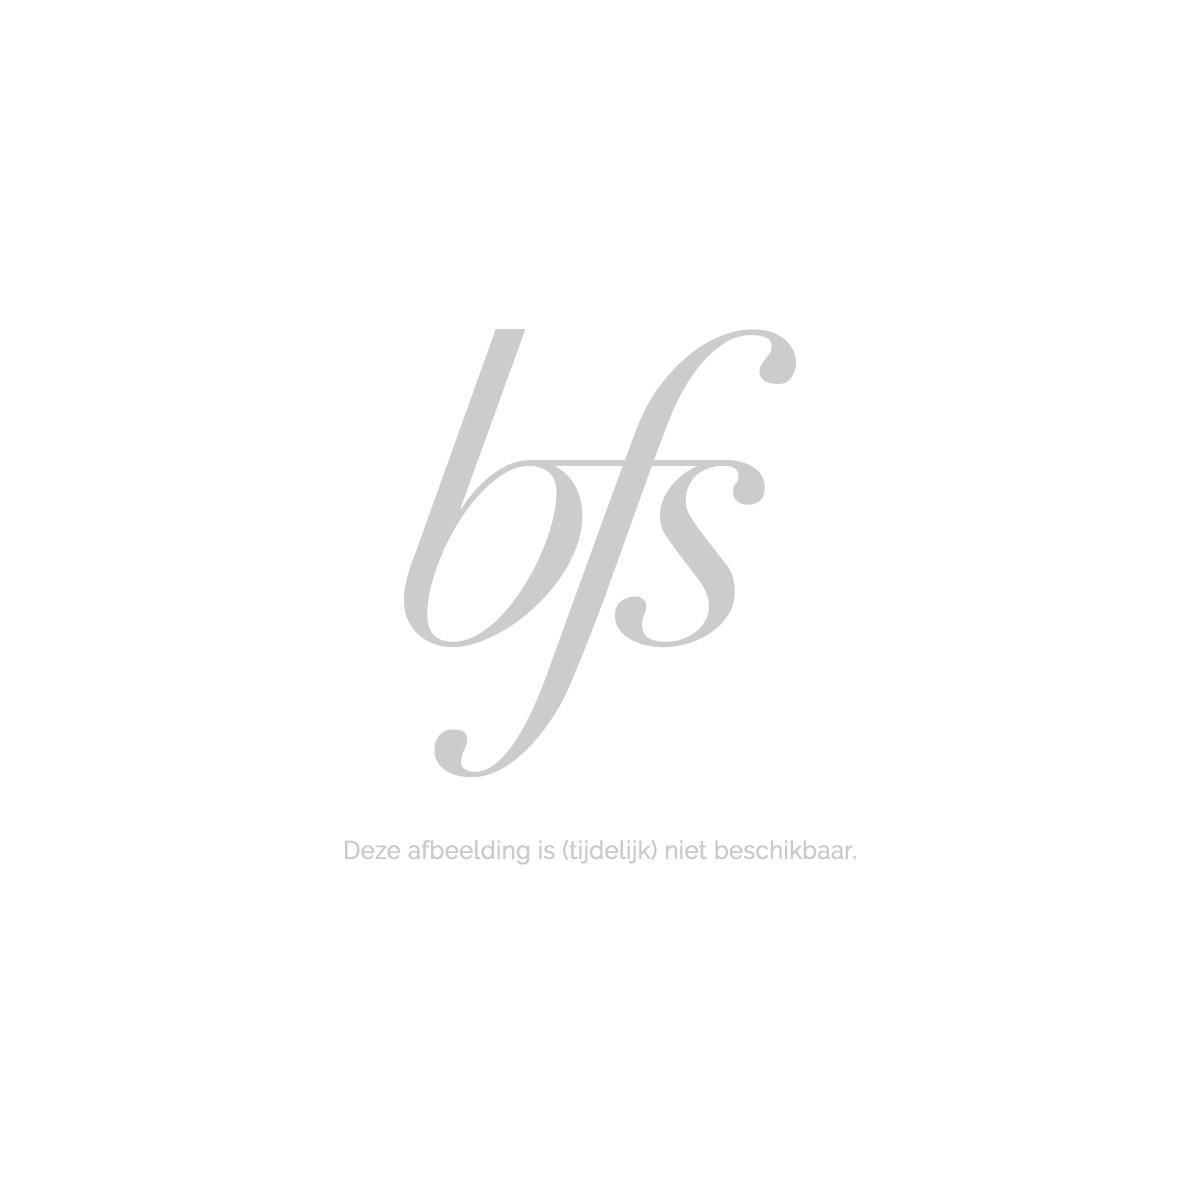 dfff852eaa10ec Hugo Boss Boss Femme Eau de Parfum 75 ml   Günstig Hautpflege Kaufen